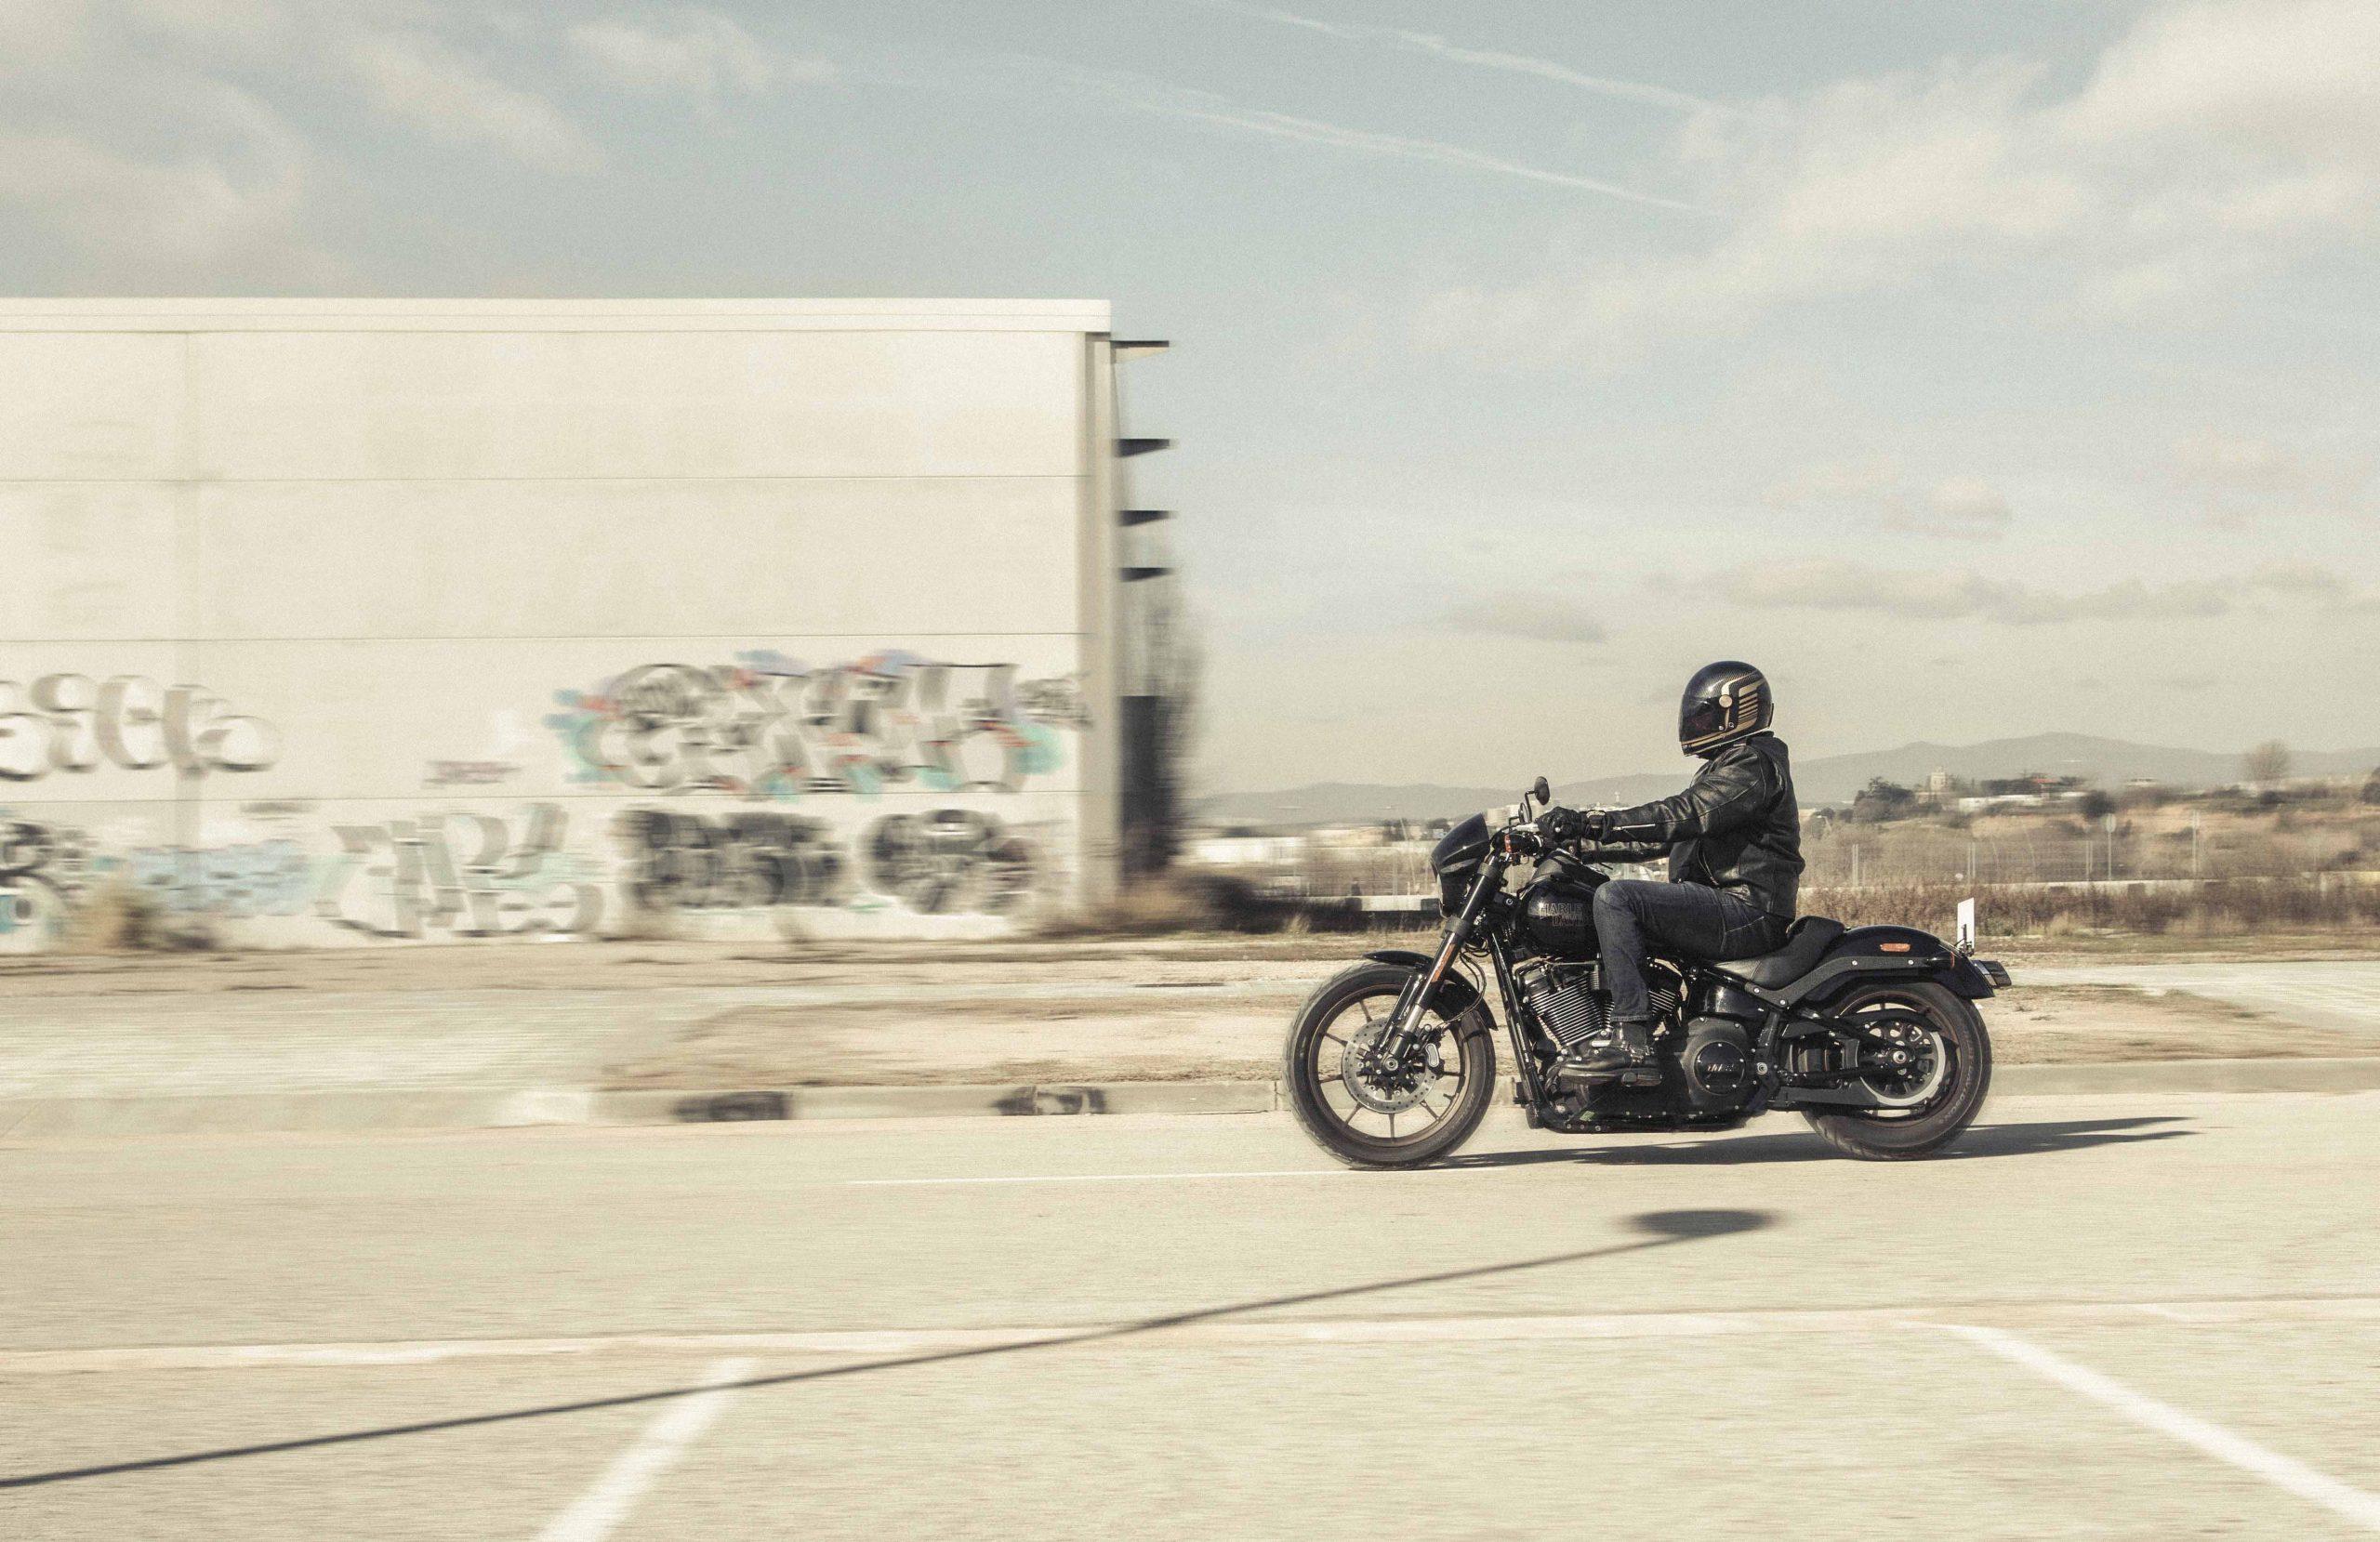 1fotografia-motos-motor-motosnet-dosruedas-fotografa-barcelona-motocicleta-harley